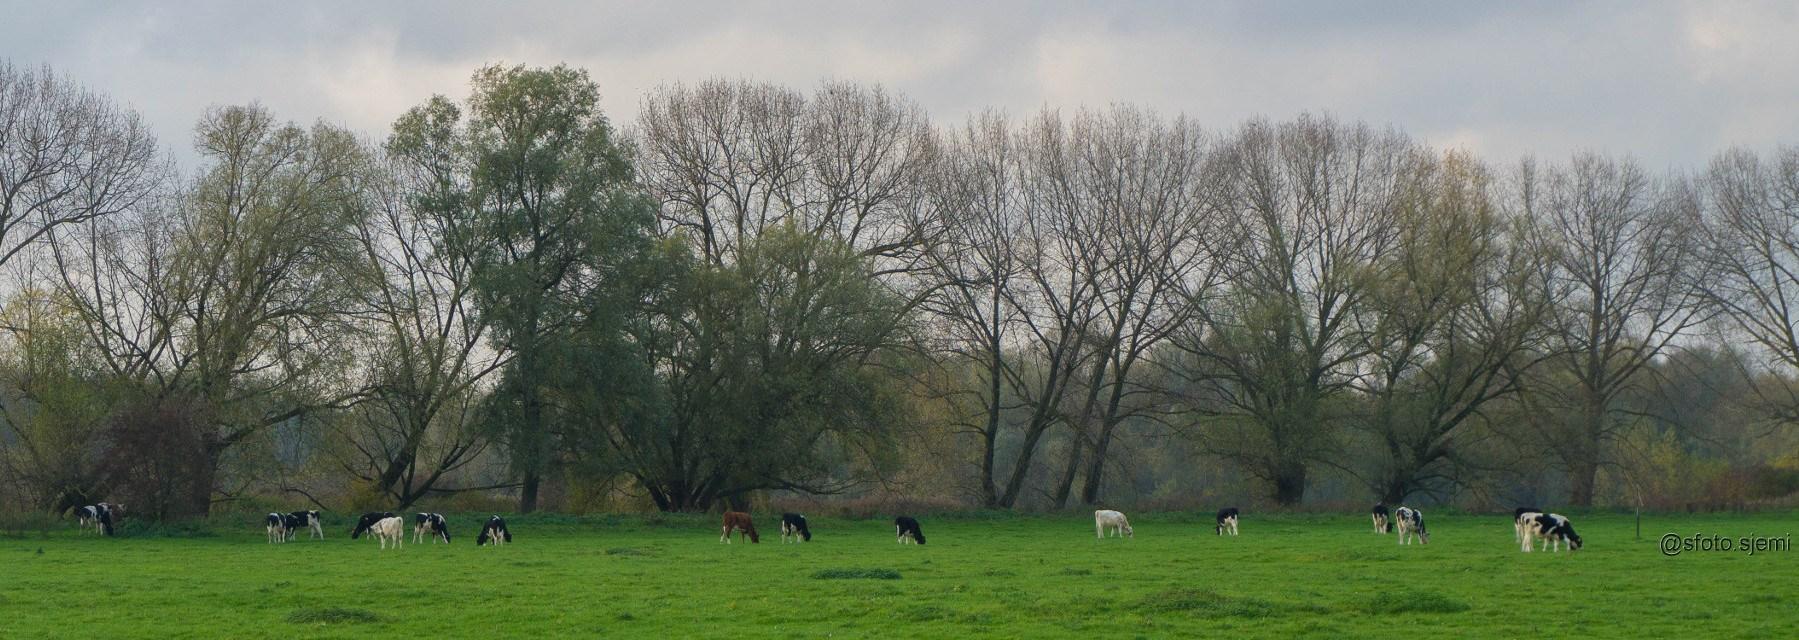 Stadsblokken-Meinerswijk Arnhem